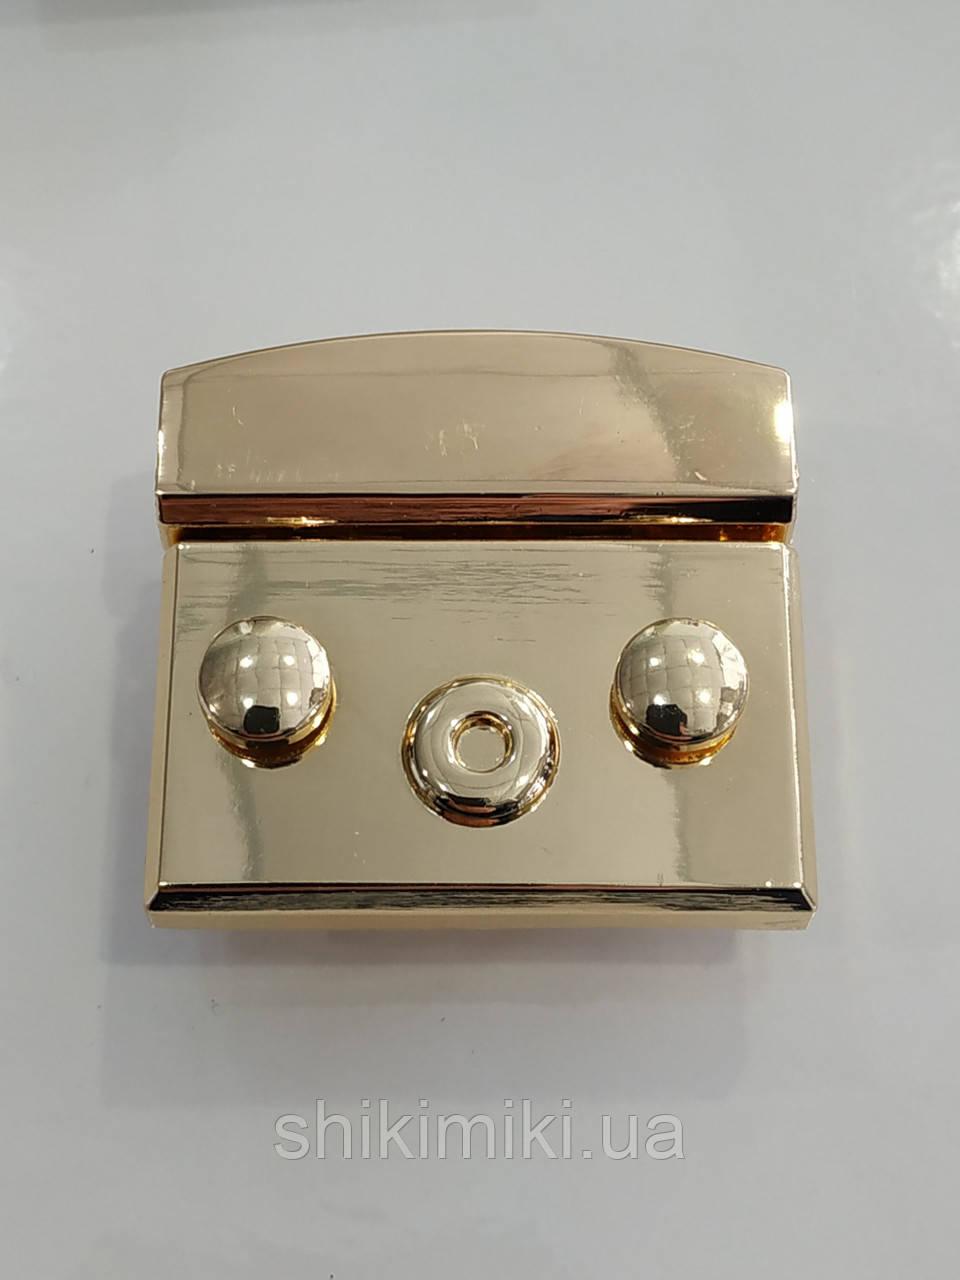 Замок для сумки (с защелкой на кнопках) ZM18-3, цвет золото